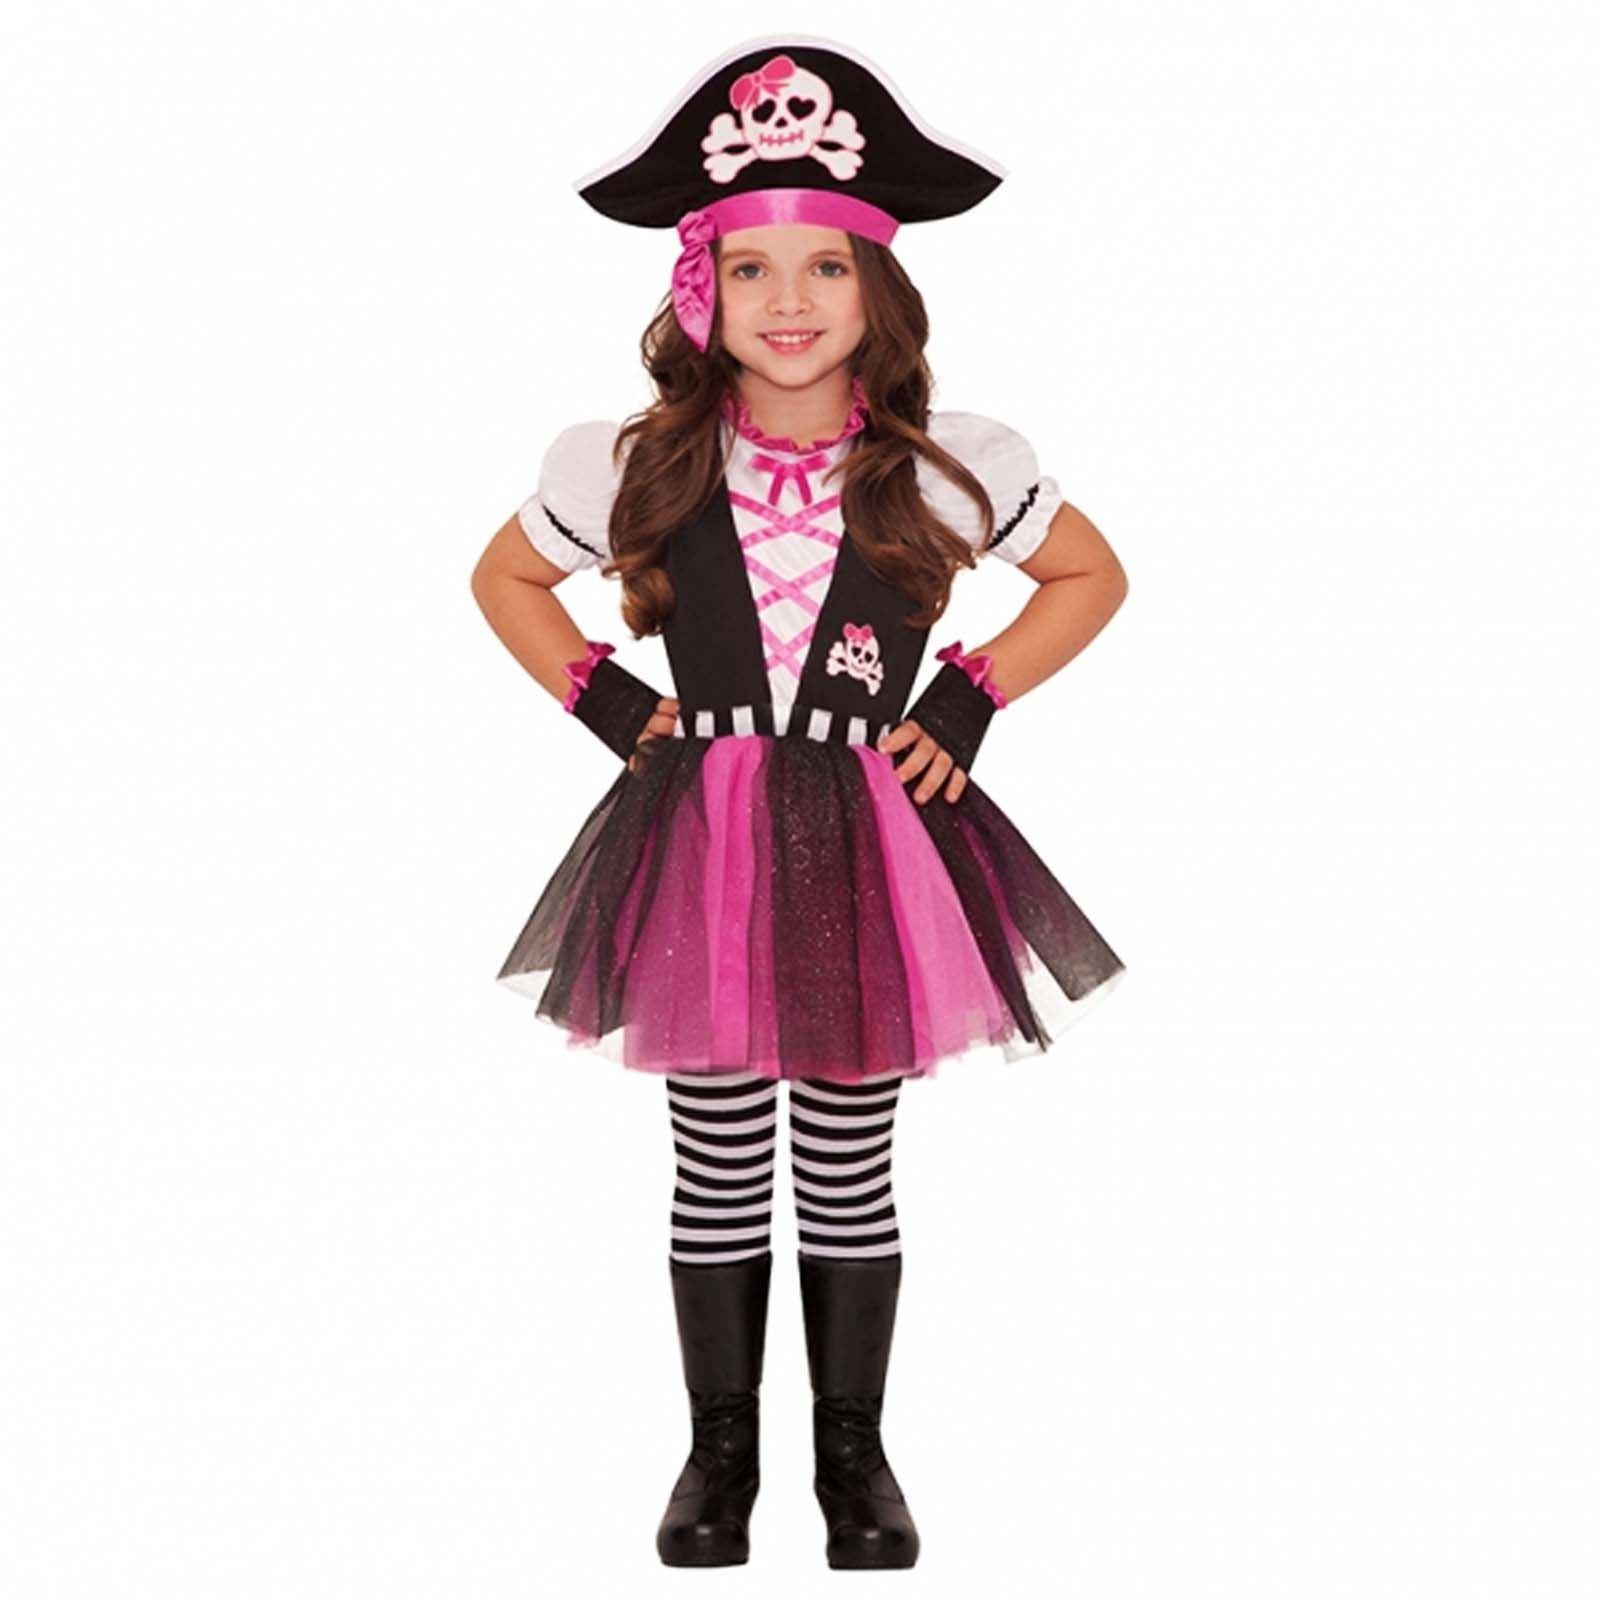 Как сделать костюм пирата для детей своими руками: мастер 90